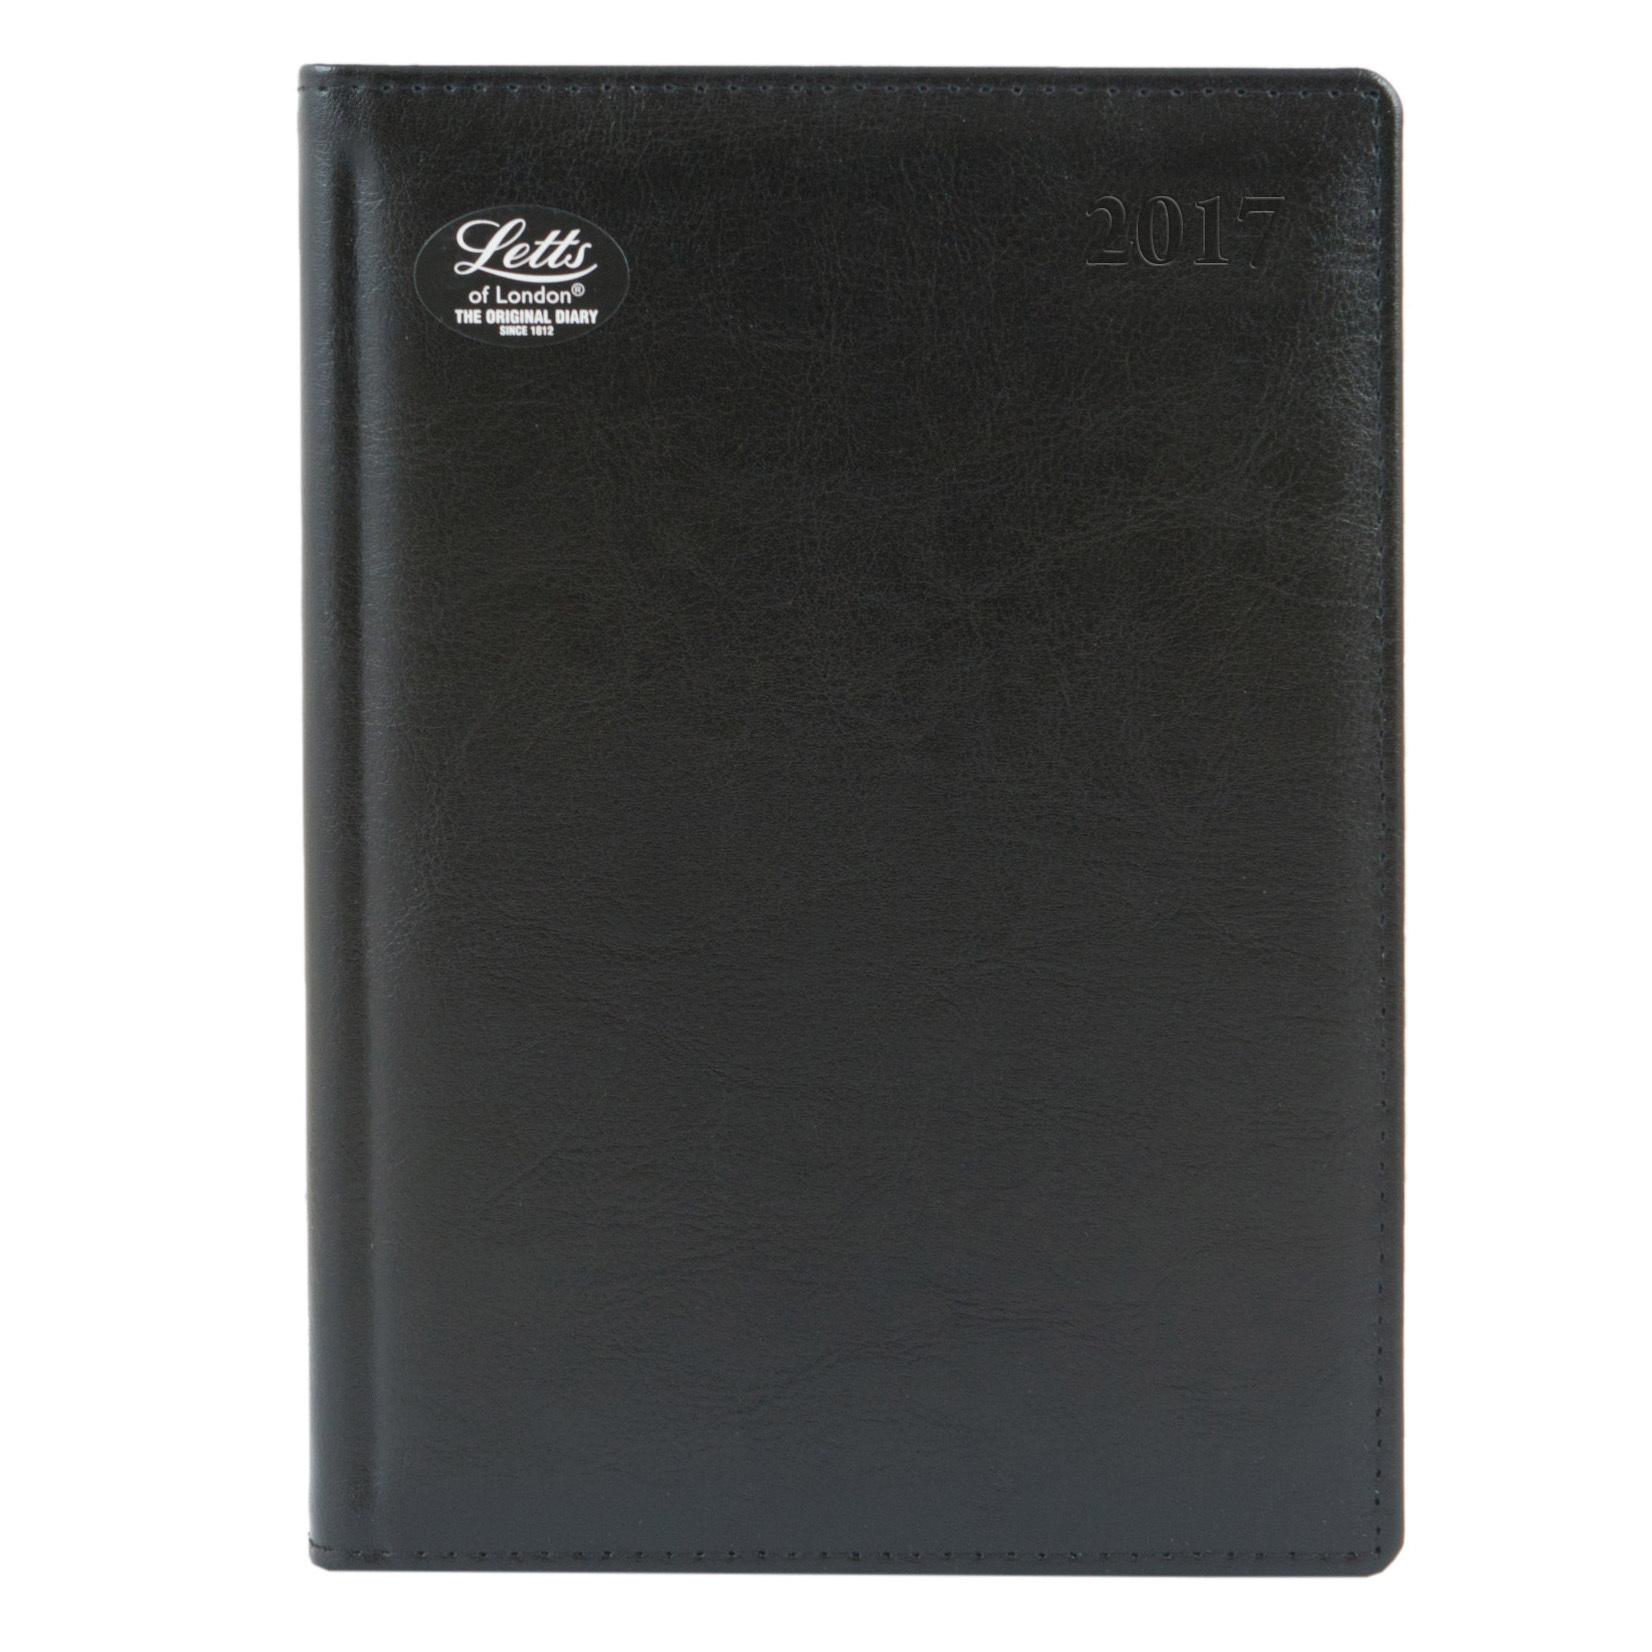 Ежедневник Letts Global Deluxe 2017, A5 (148 х 210), черный, натур.кожа, срез позолоченный